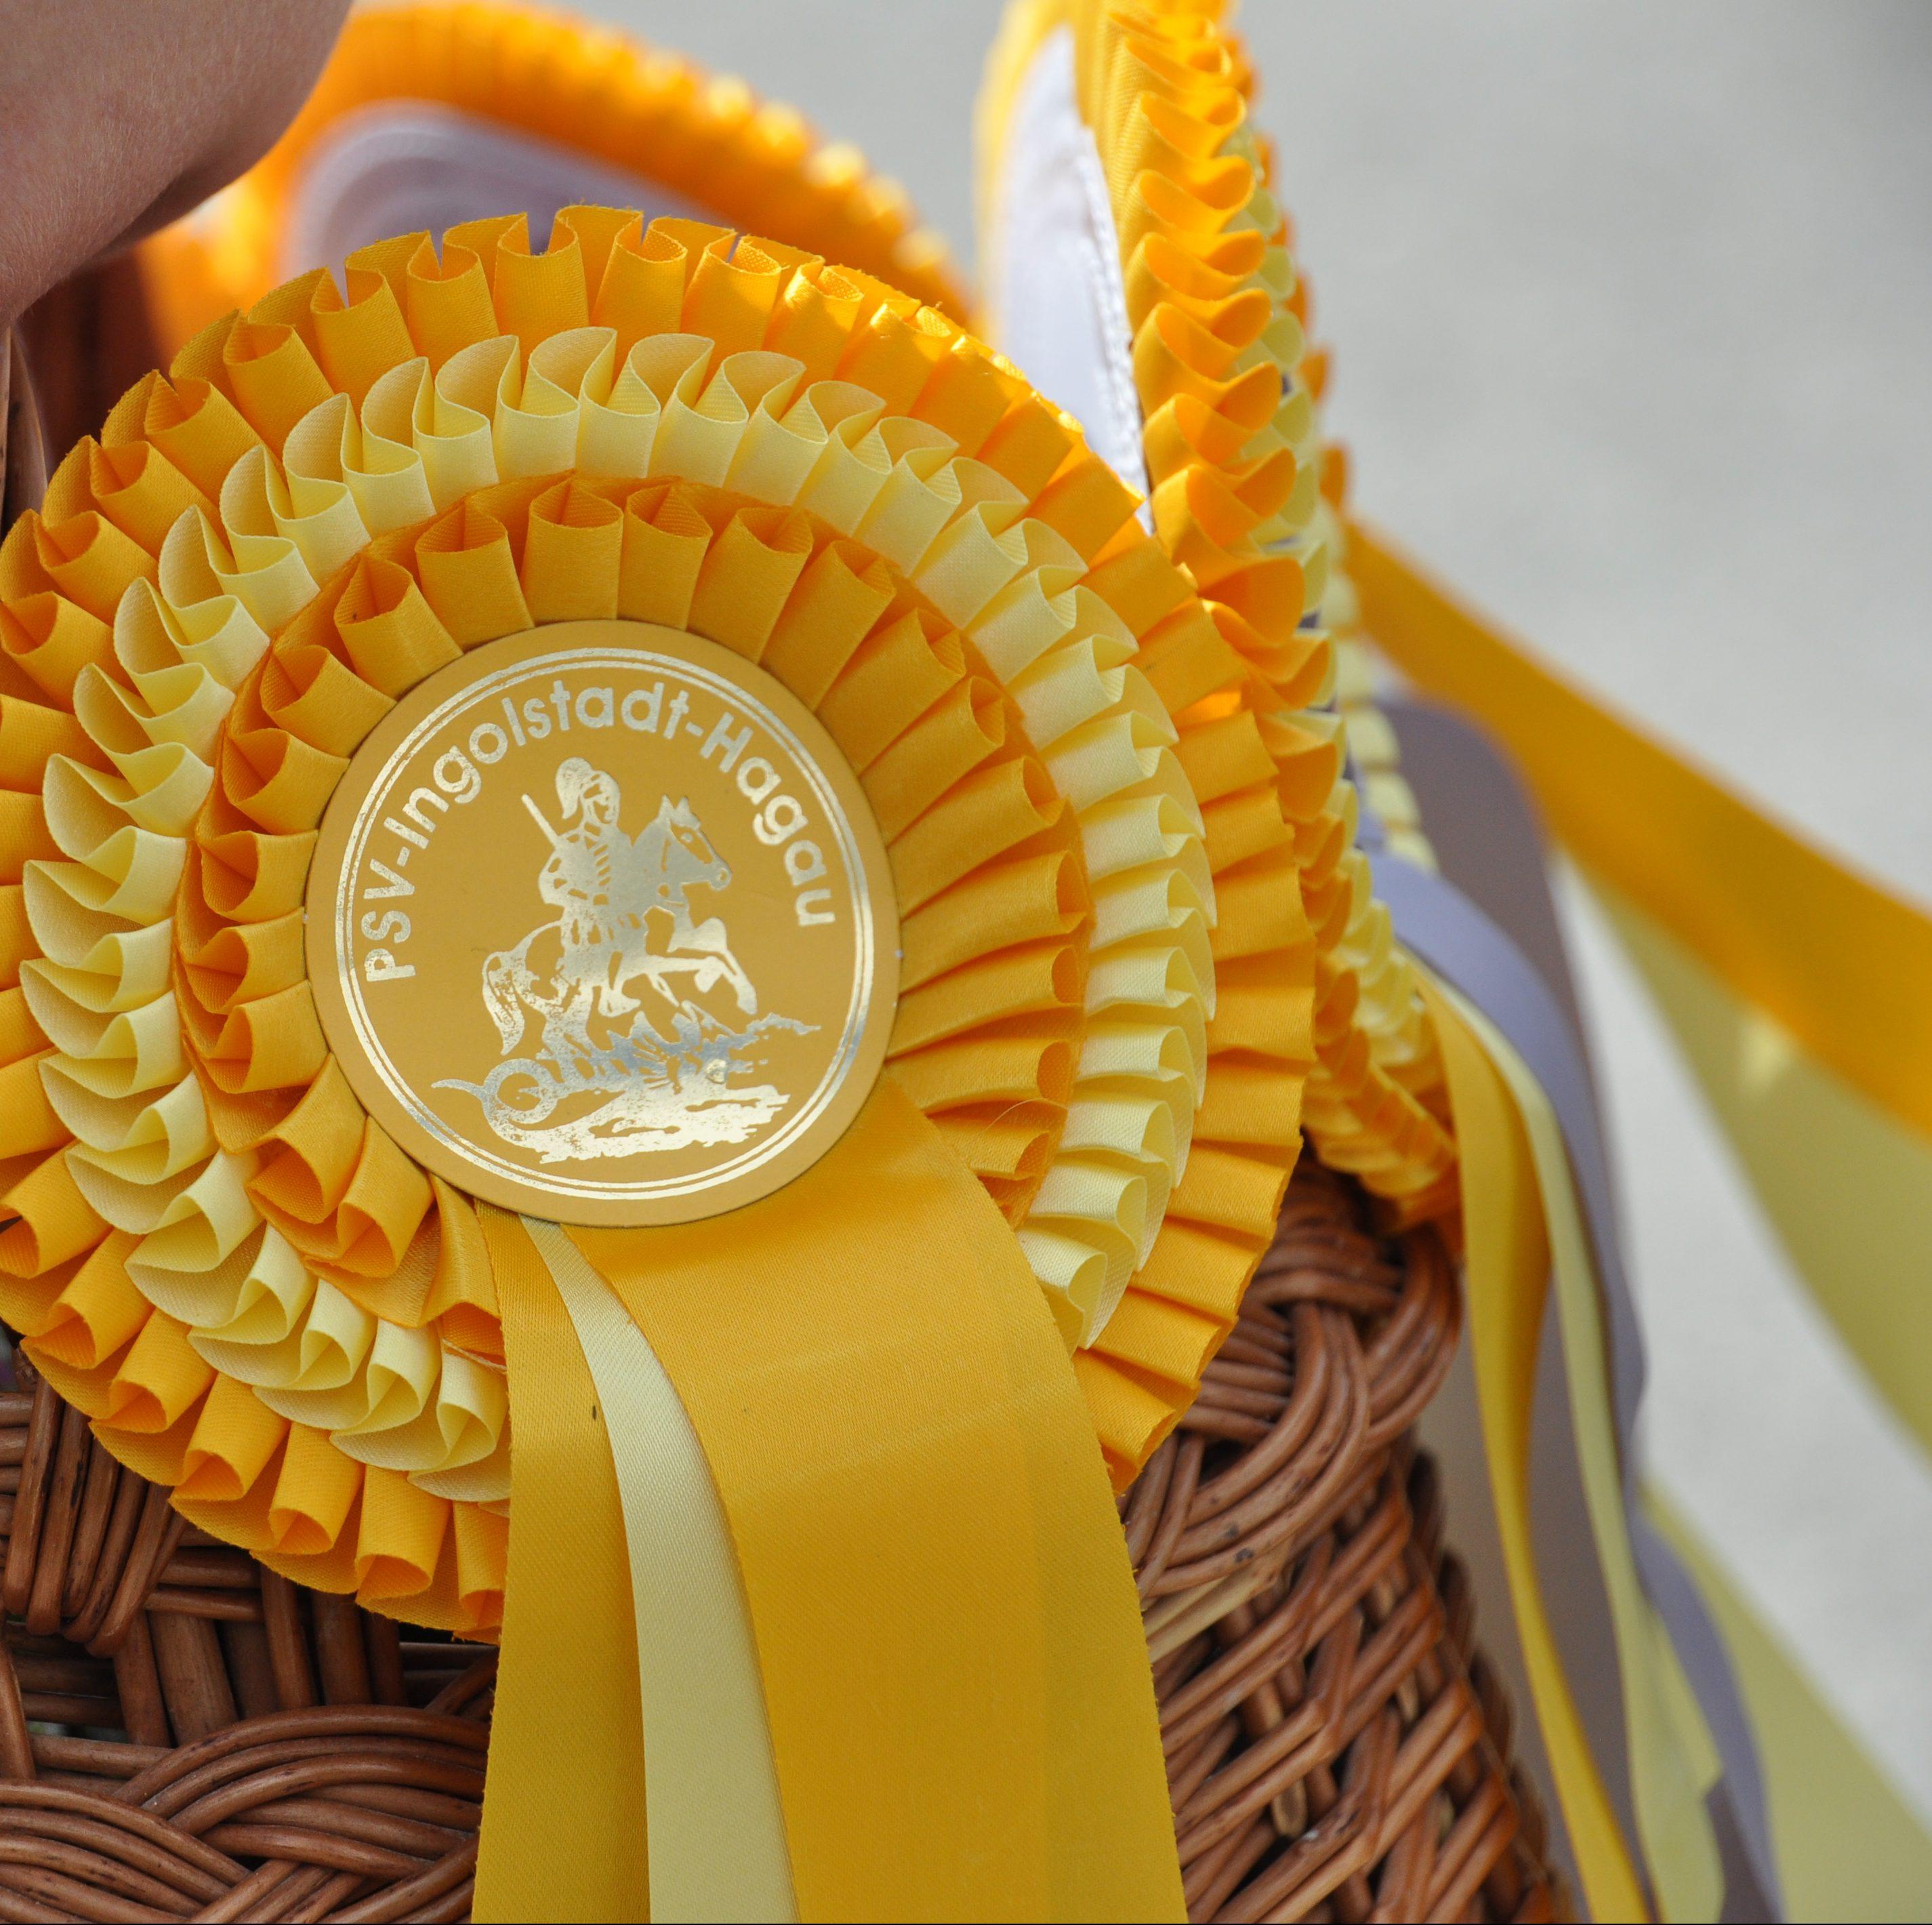 Detailaufnahme goldene Siegerschleife Reitertage Ingolstadt-Hagau